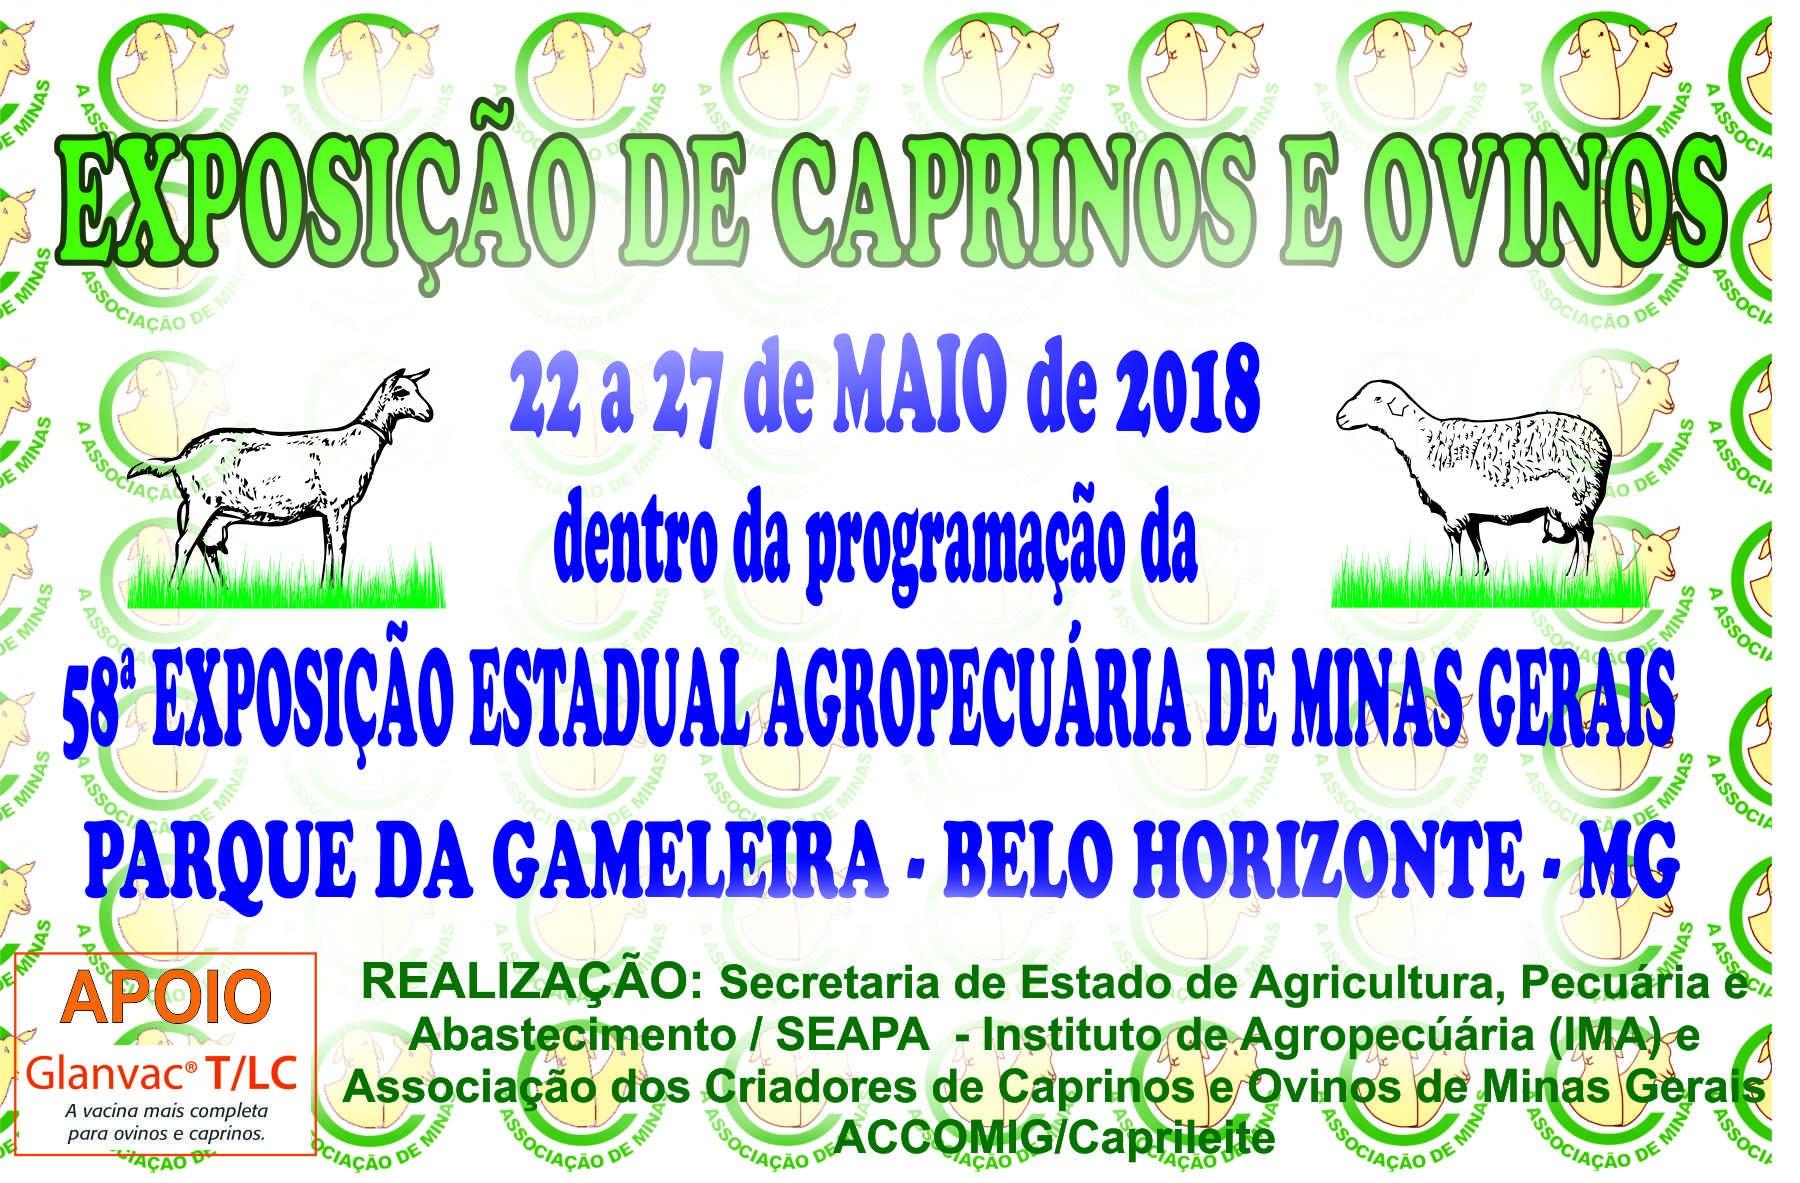 EXPOSIÇÃO DE CAPRINOS E OVINOS 22 a 27/05/2018 PARTICIPE!